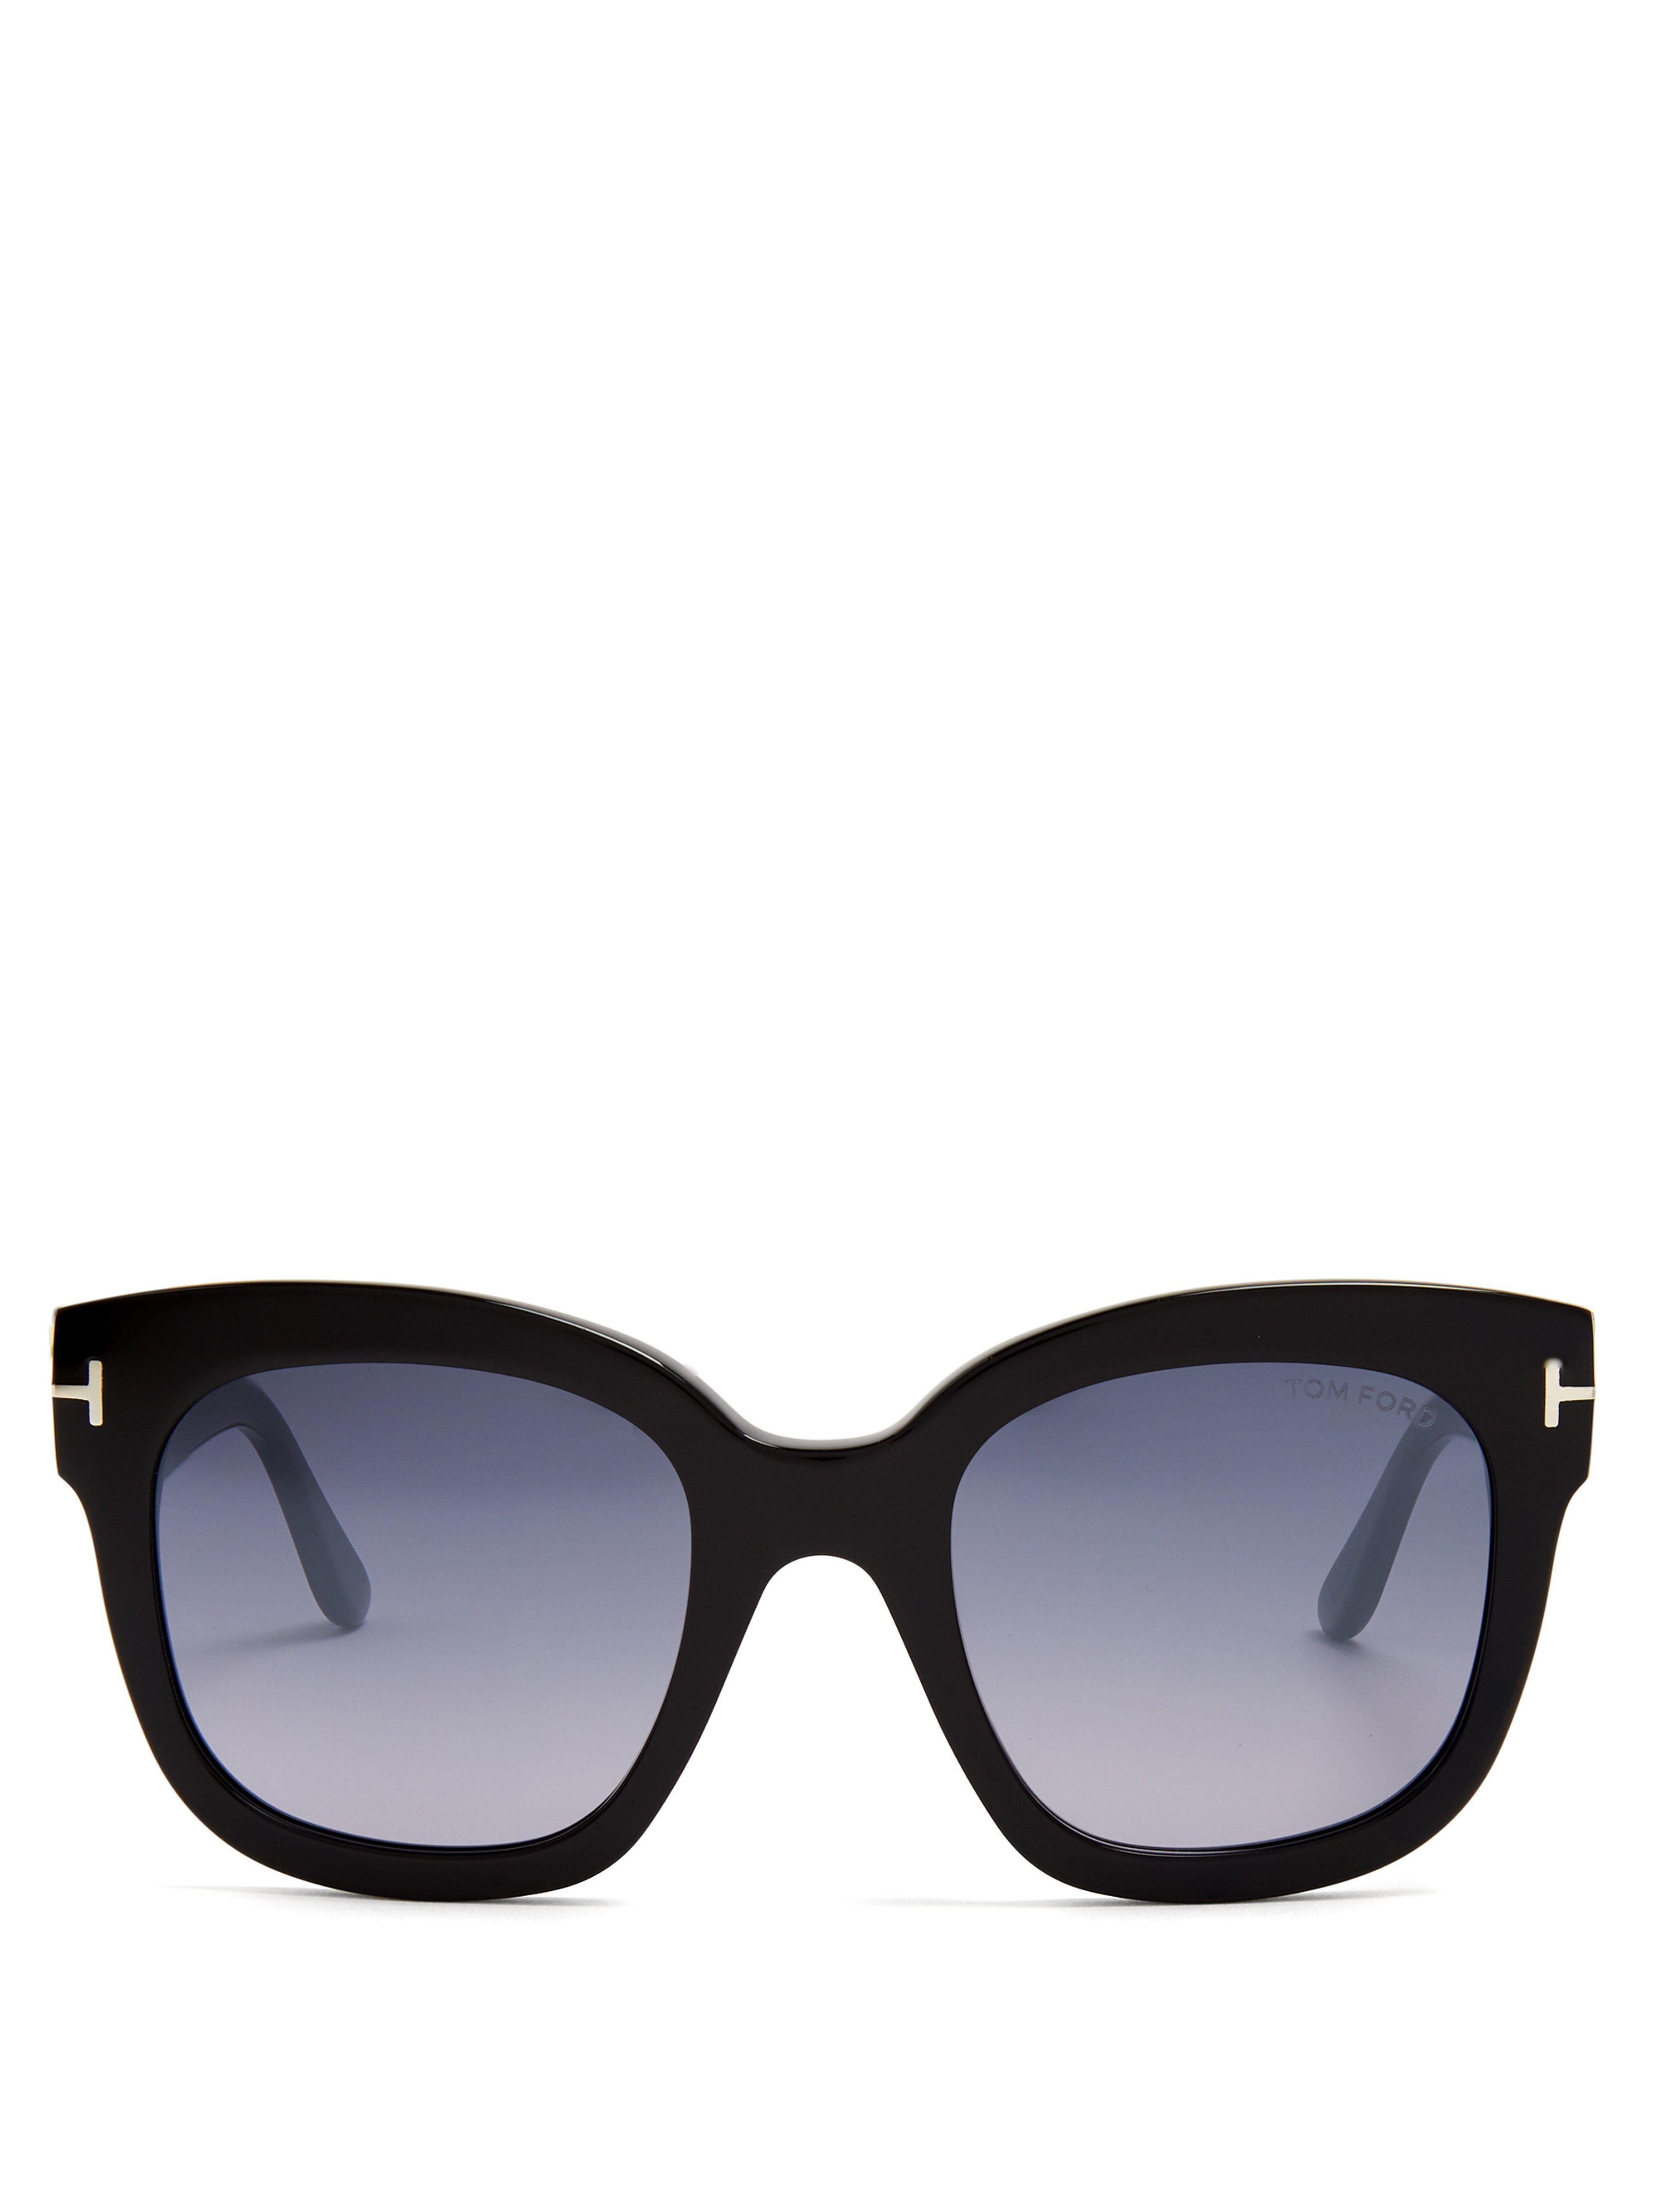 d5c9aa00f29808 Lyst - Lunettes de soleil carrées Beatrix Tom Ford en coloris Noir